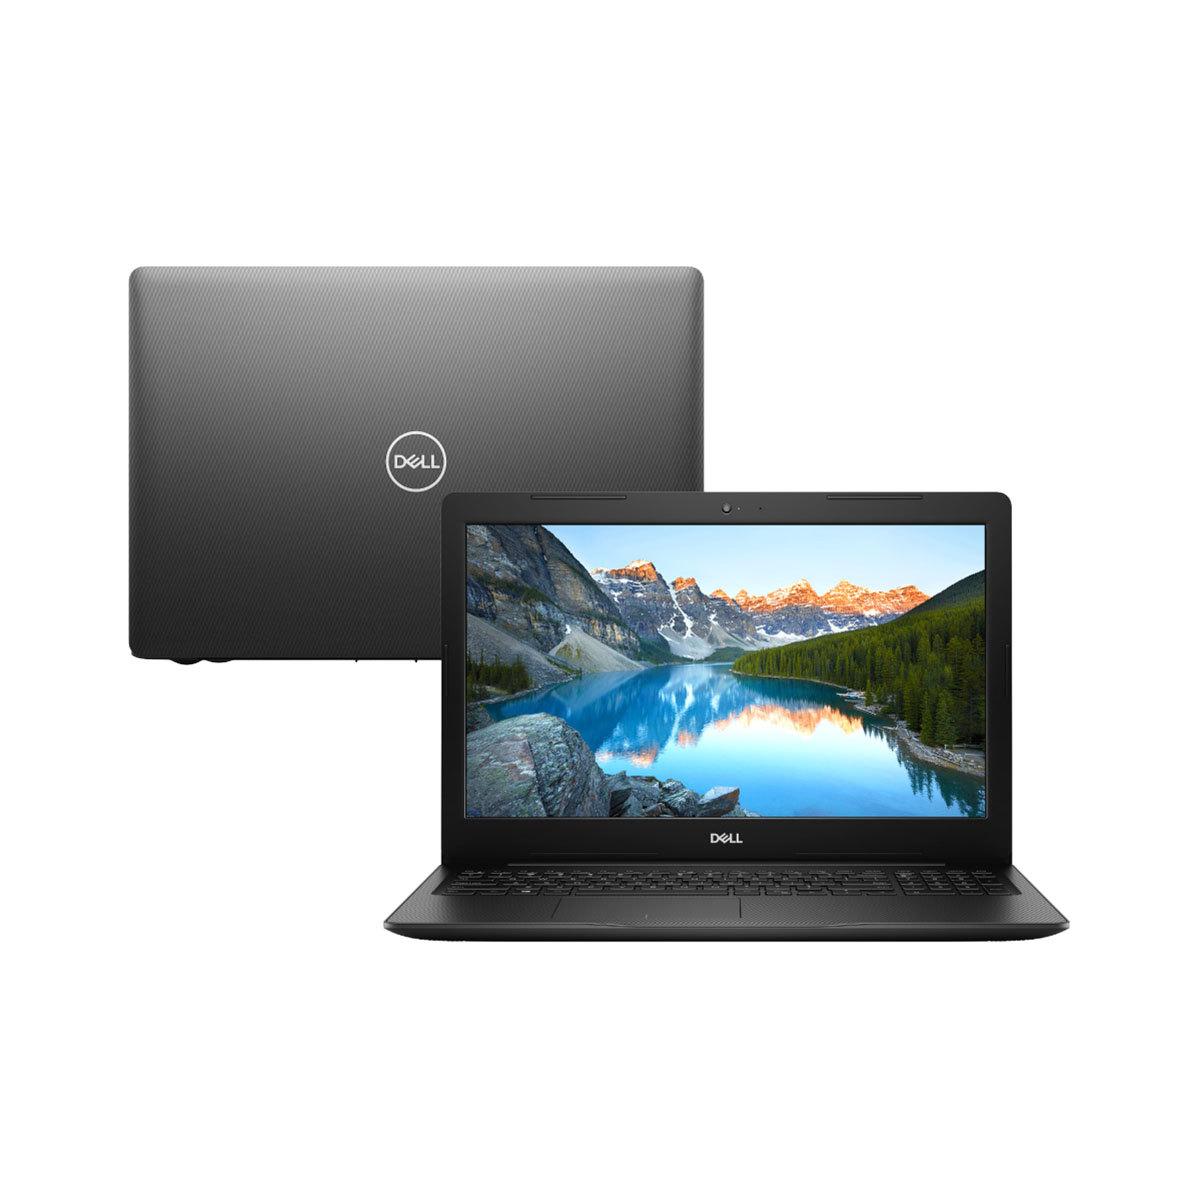 Notebook Dell Inspiron 3583 Core I7 8565u Memoria 8gb Ssd 256gb Video Radeon 520 2gb Tela 15.6 Hd Windows 10 Home